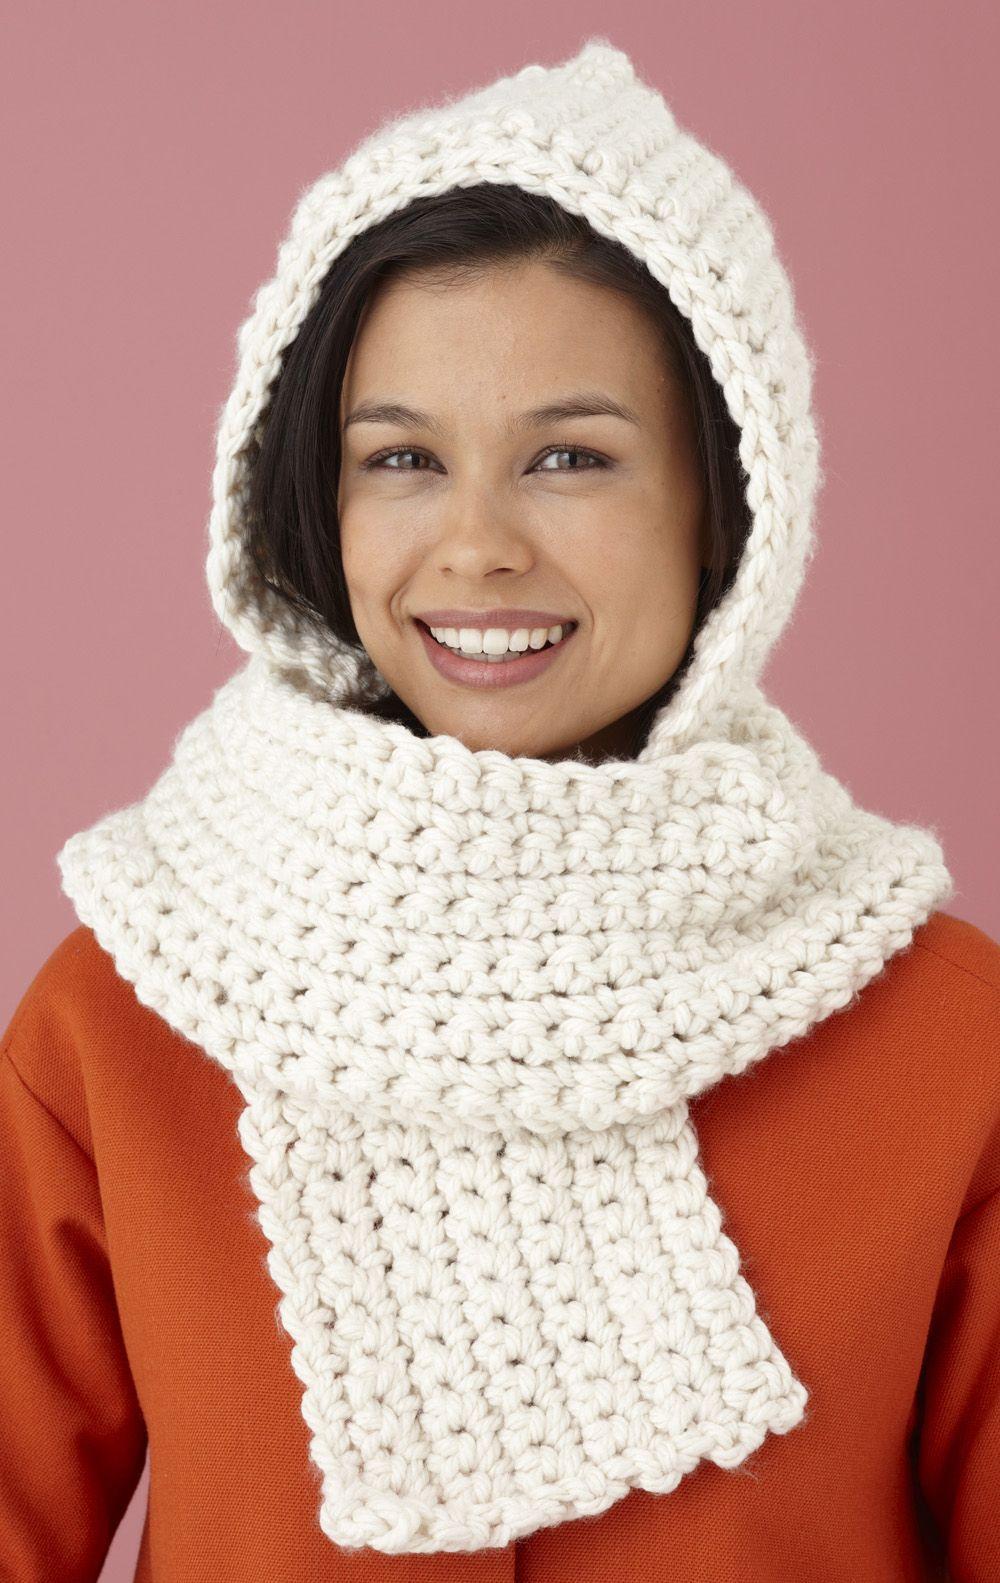 Free crochet hooded scarf pattern free crochet pattern l10722 free crochet hooded scarf pattern free crochet pattern l10722 cozy crochet hooded scarf lion bankloansurffo Images